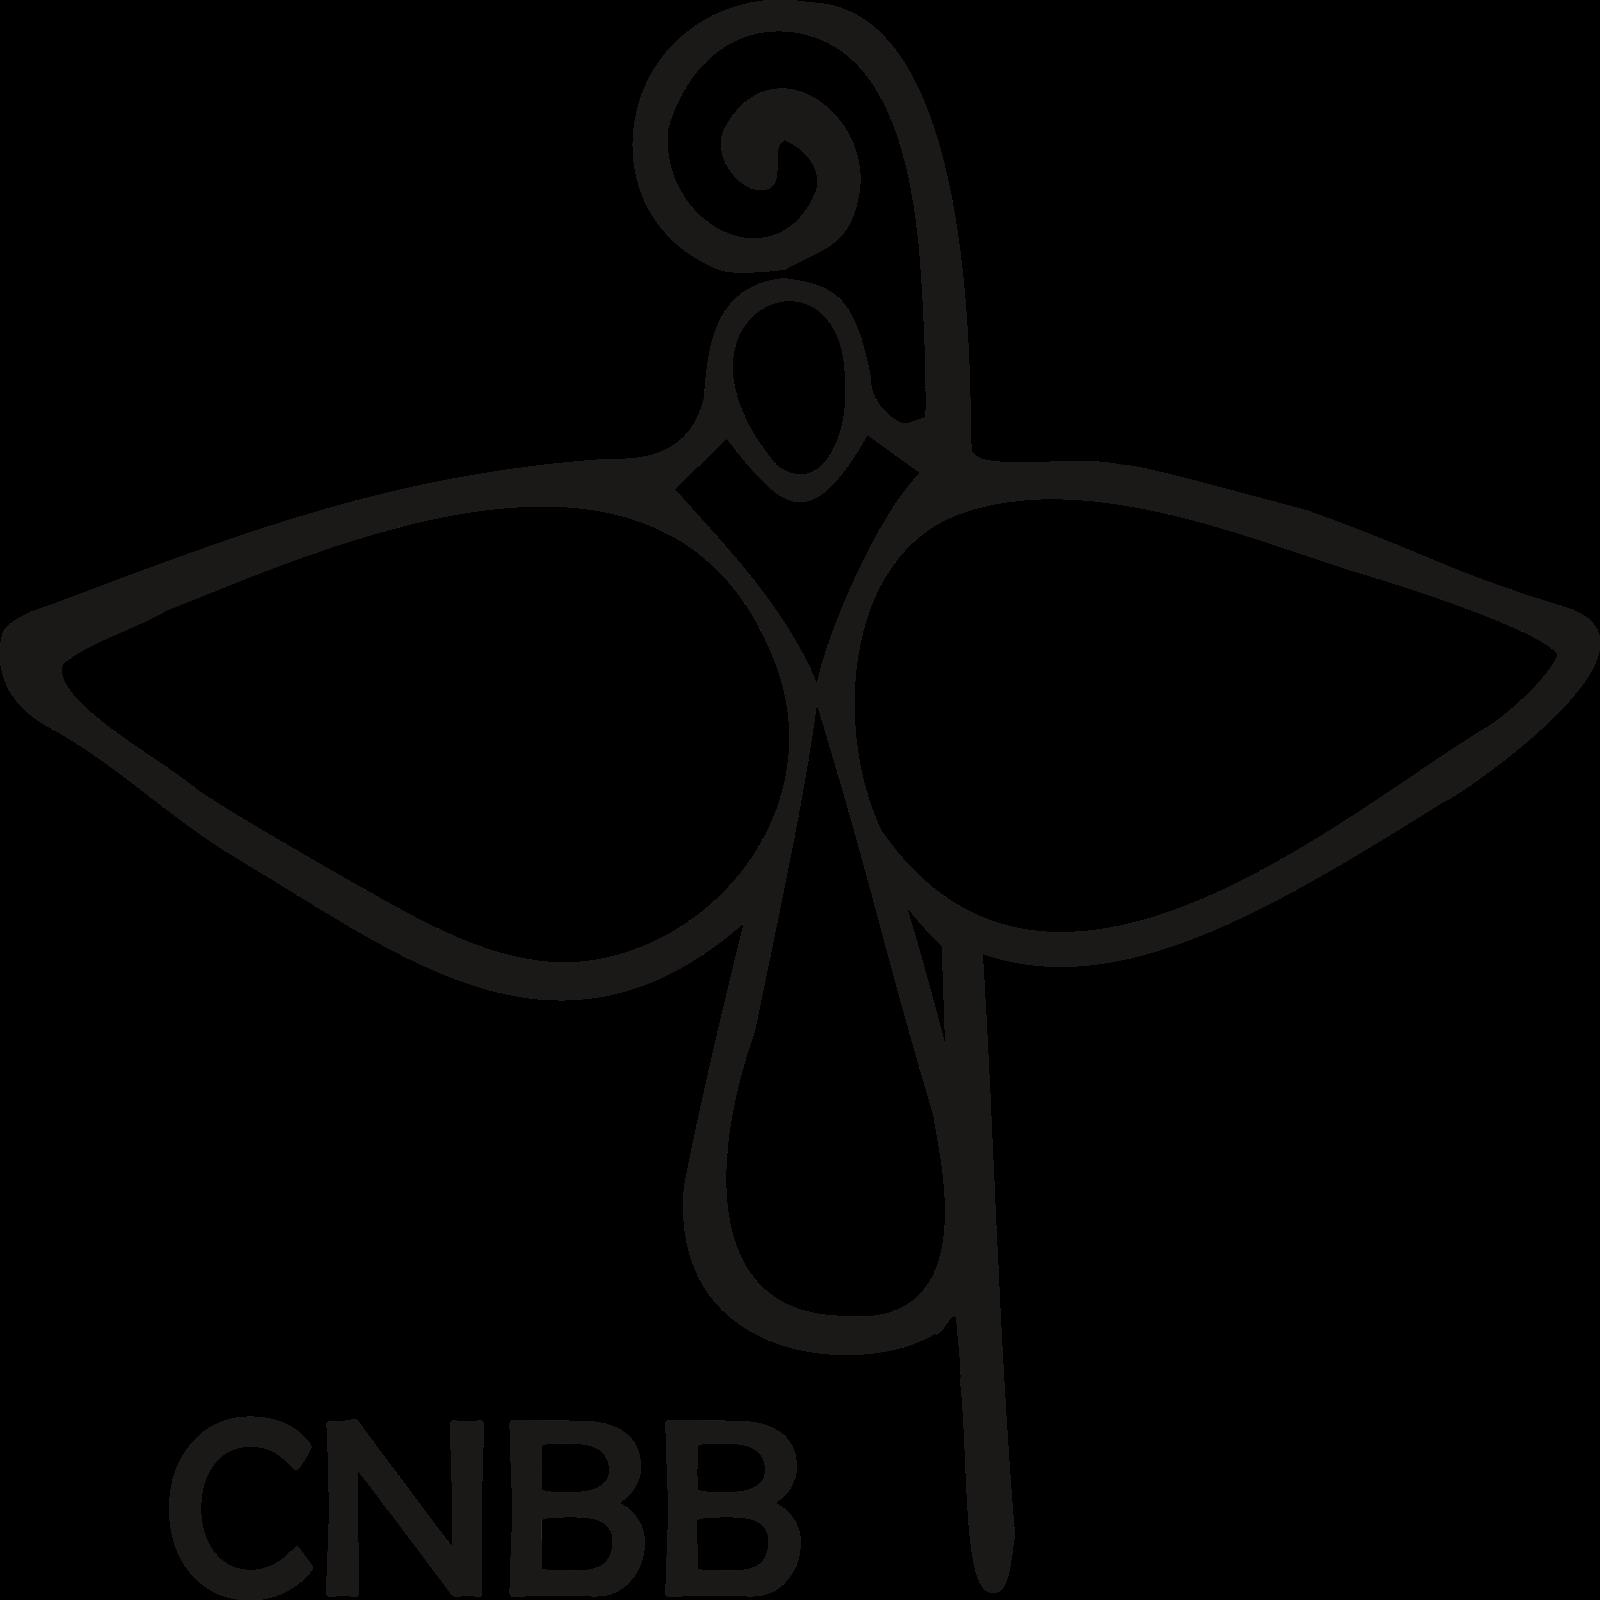 cnbb logo 2 - CNBB Logo - Conferência Nacional dos Bispos do Brasil Logo